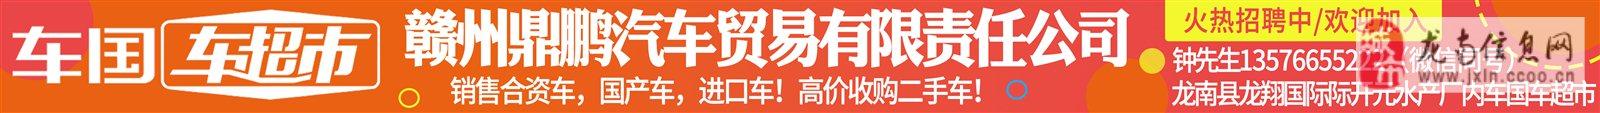 �M州鼎�i汽��Q易有限公司